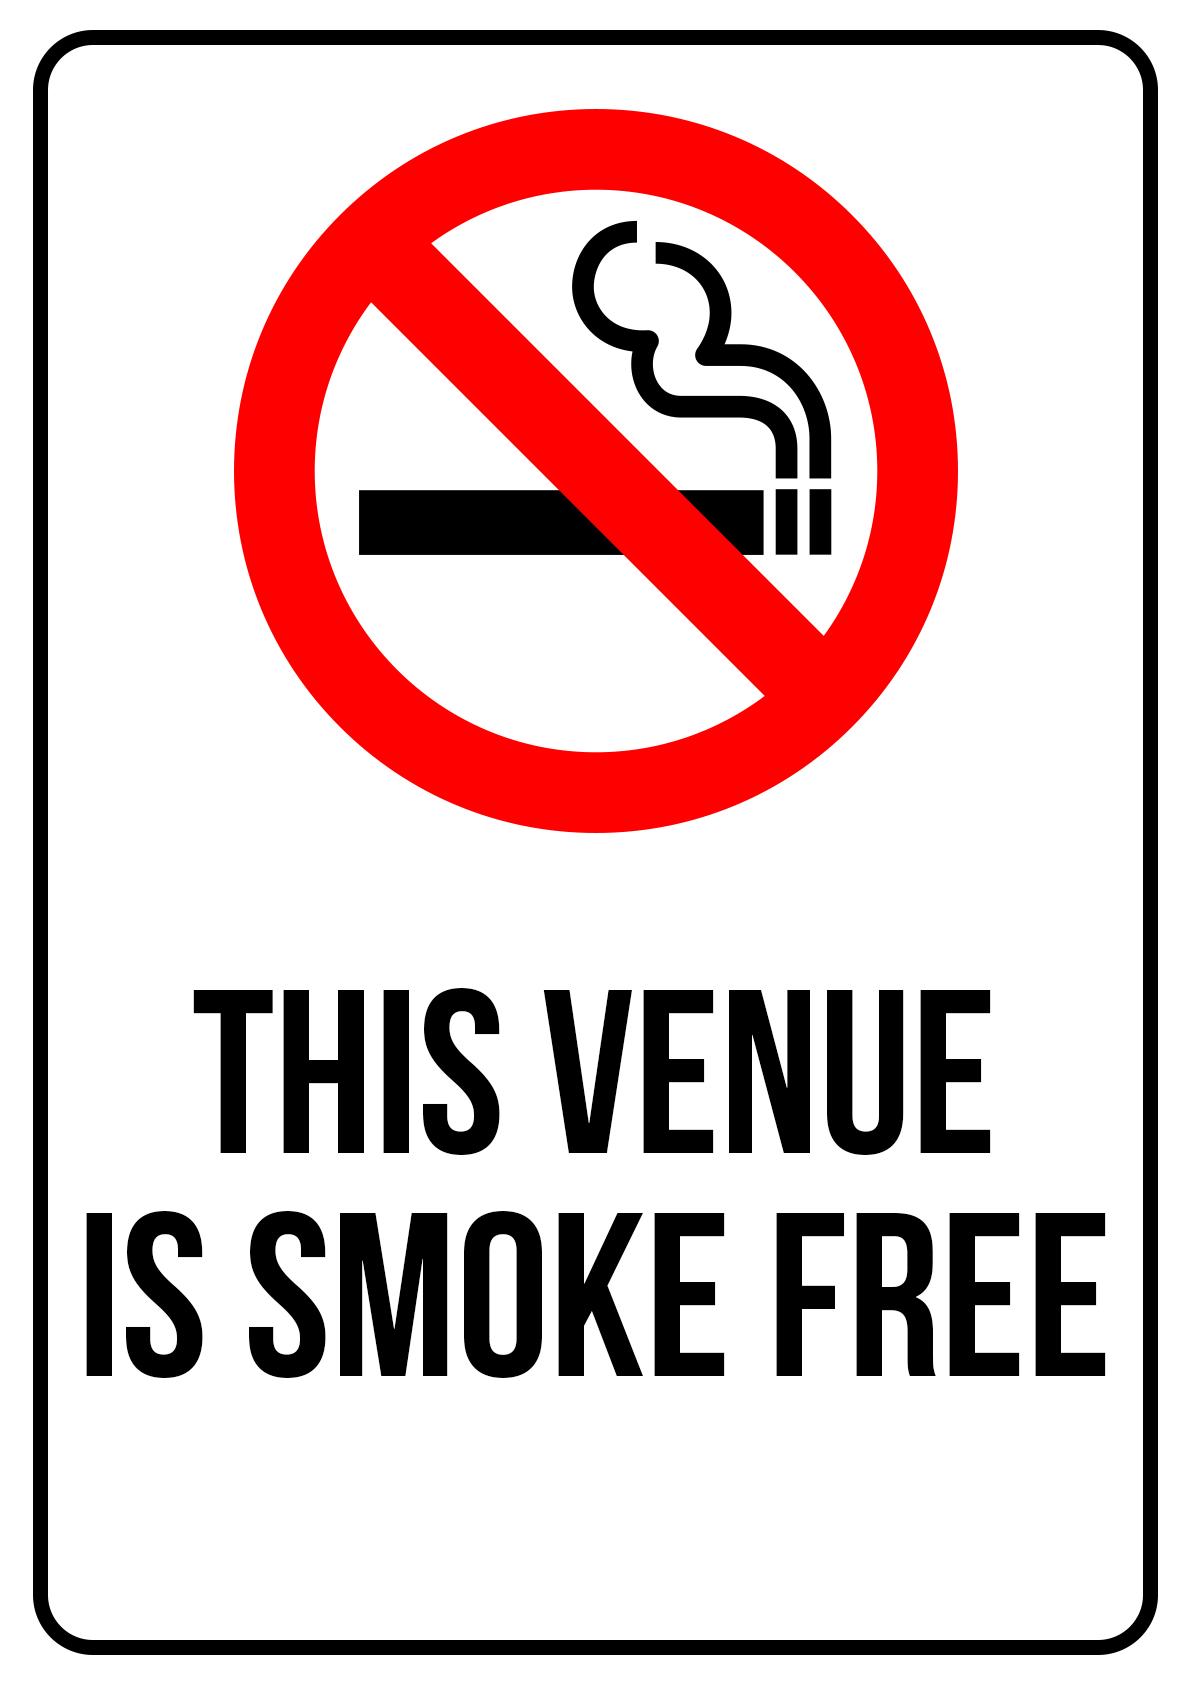 Smoke Free Venue